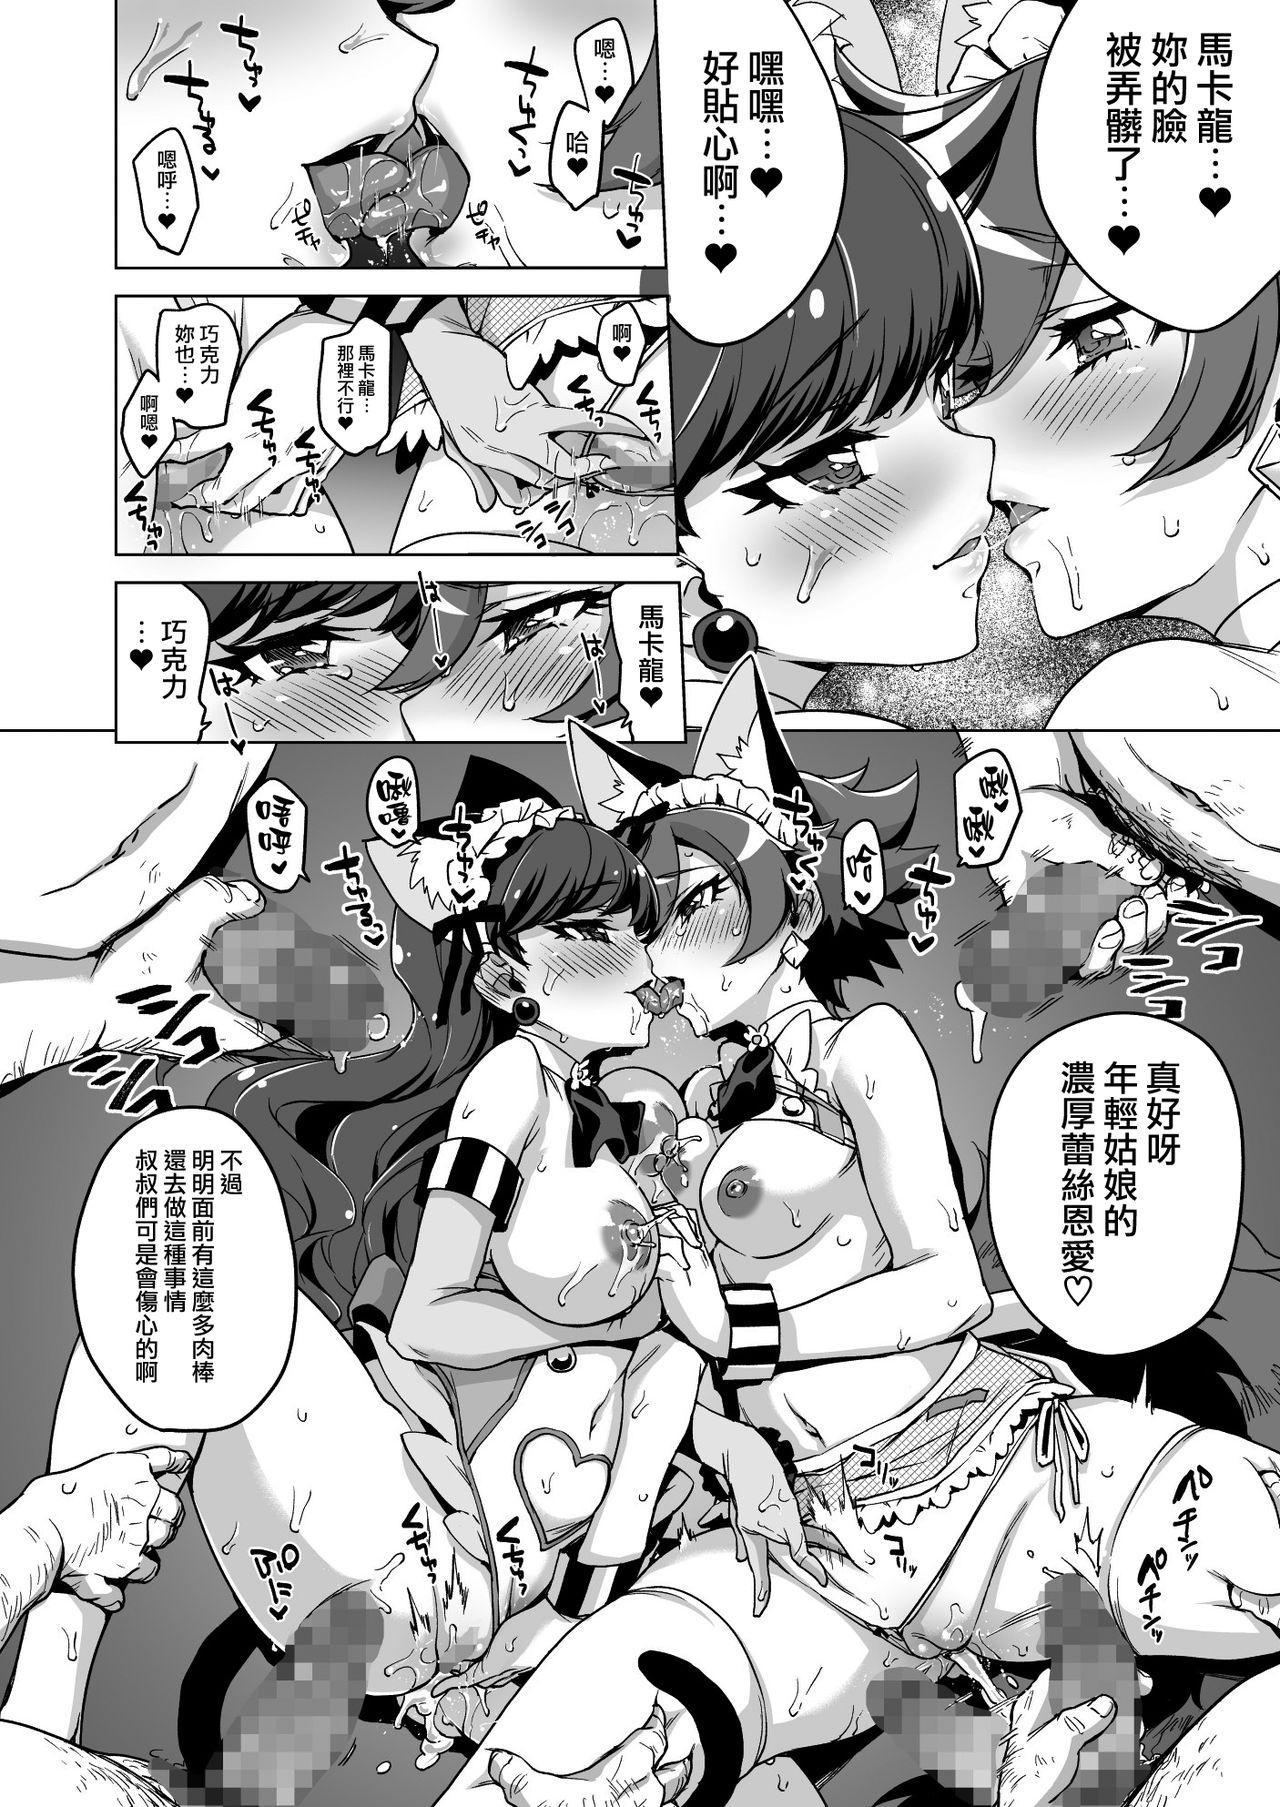 Pakopako Yoru no Saimin Patisserie 31